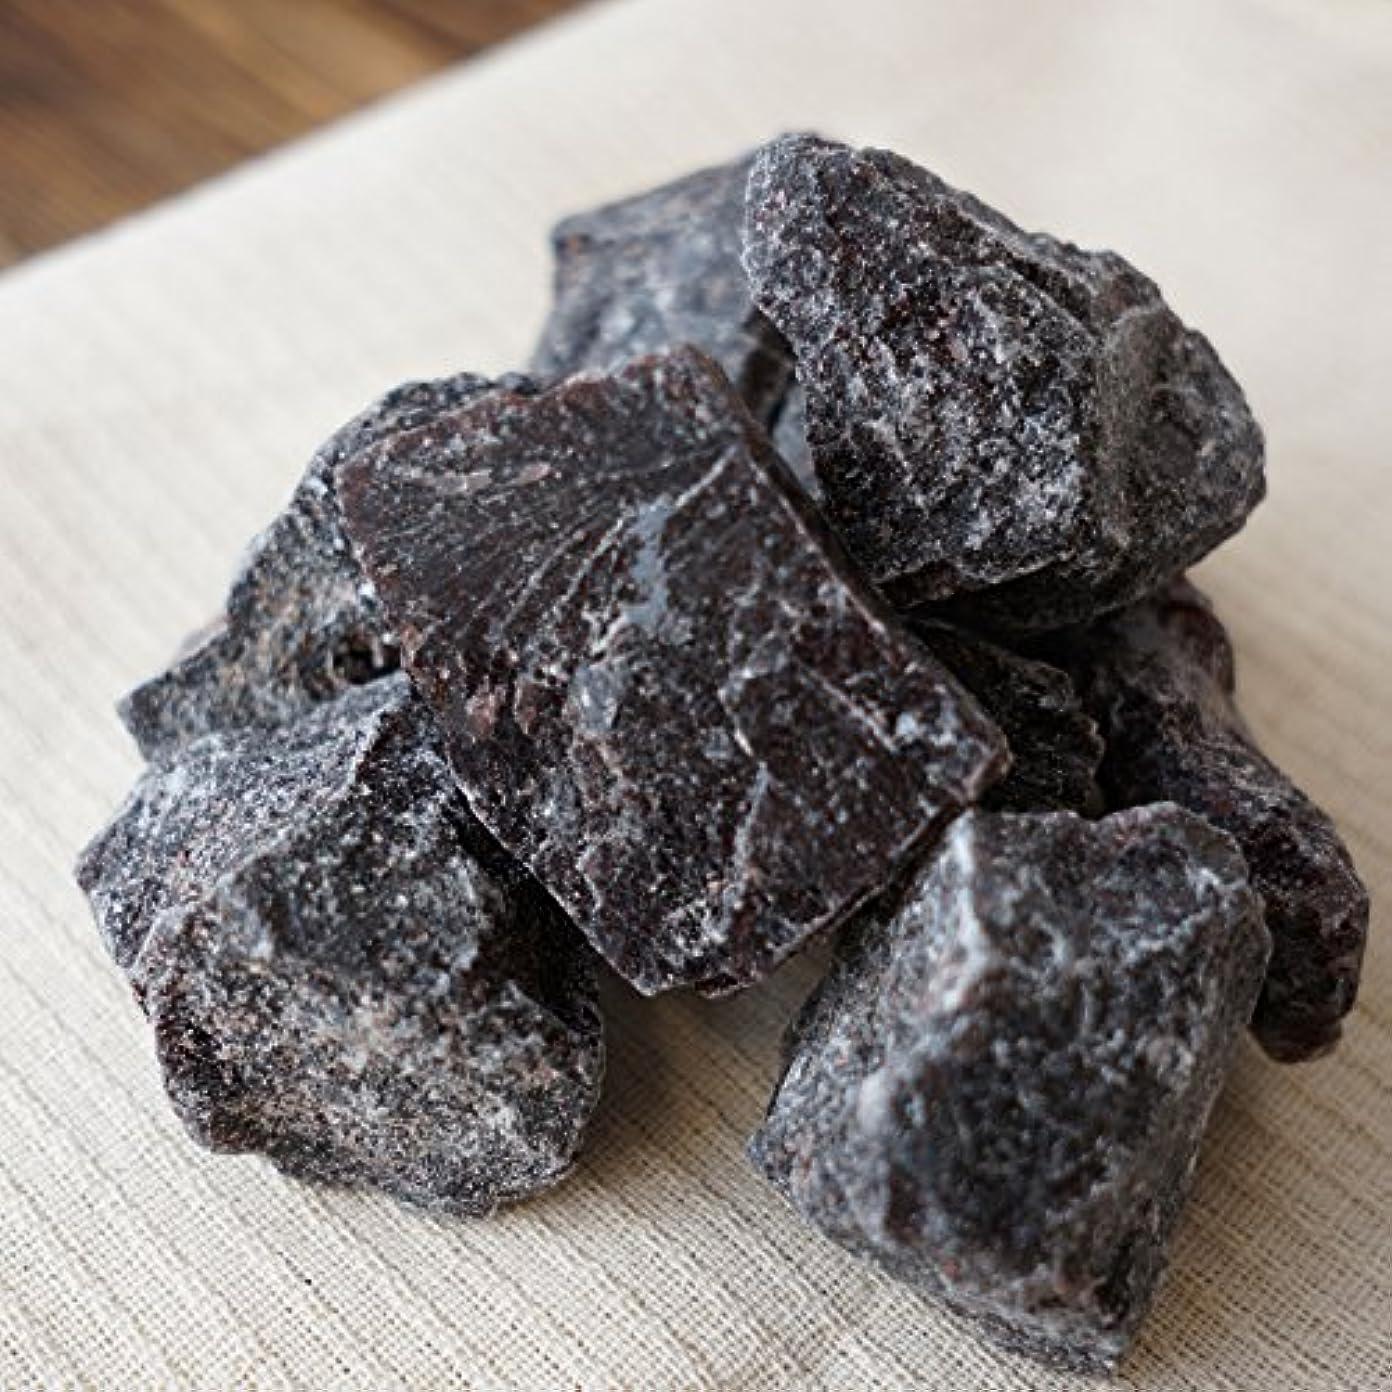 カカドゥ前方へ変動する希少 インド岩塩 ルビー ブロック 約2-5cm 5,000g 原料